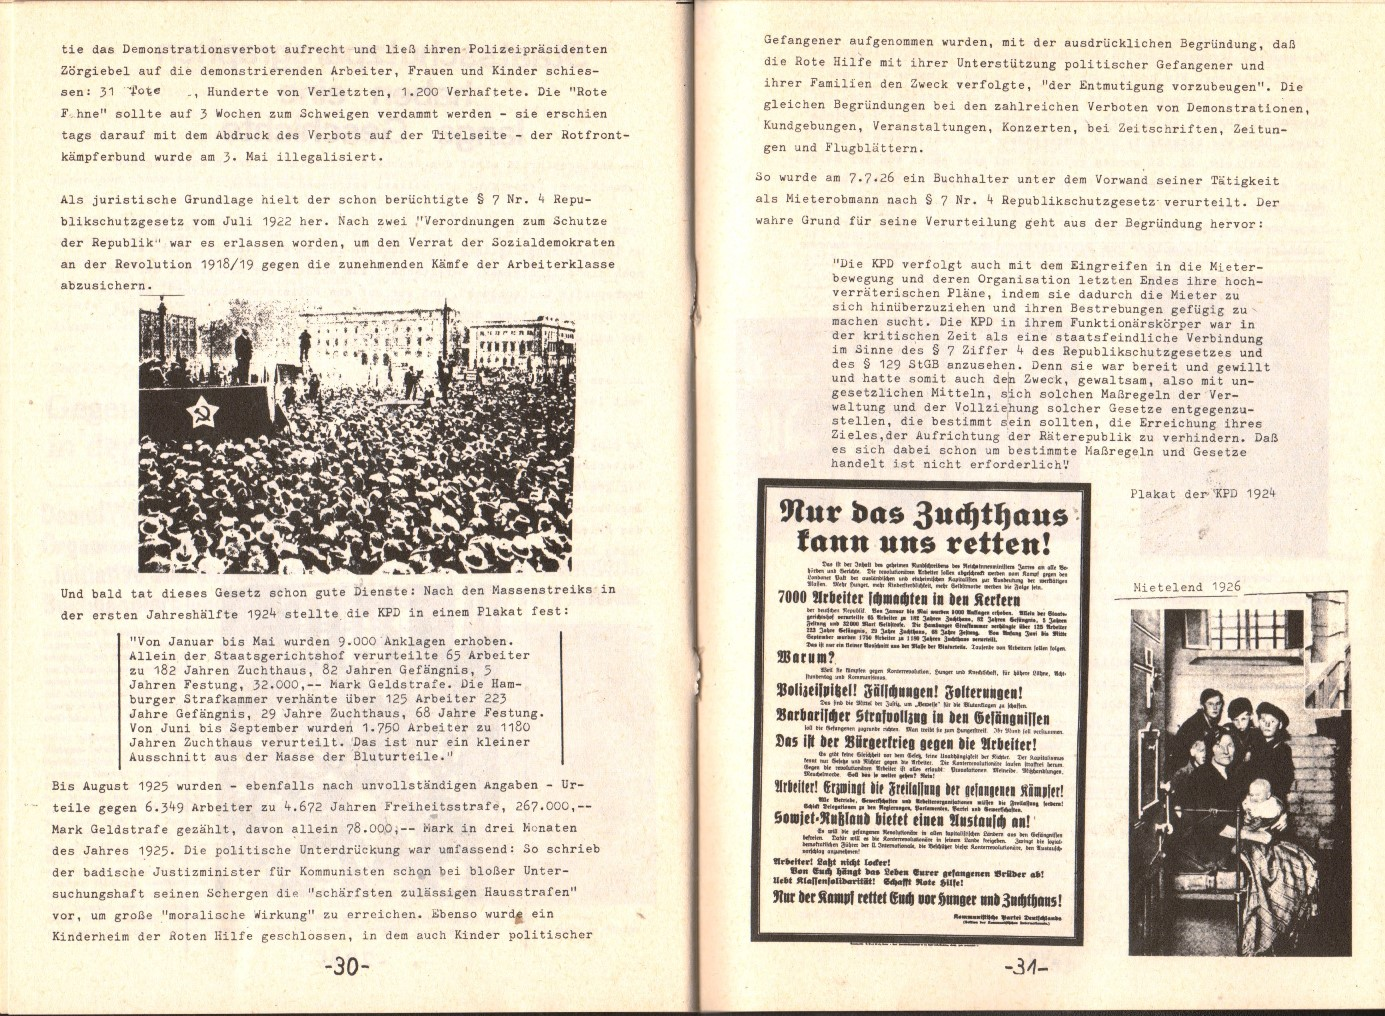 Berlin_KPD_1976_Staatsschutzprozess_17